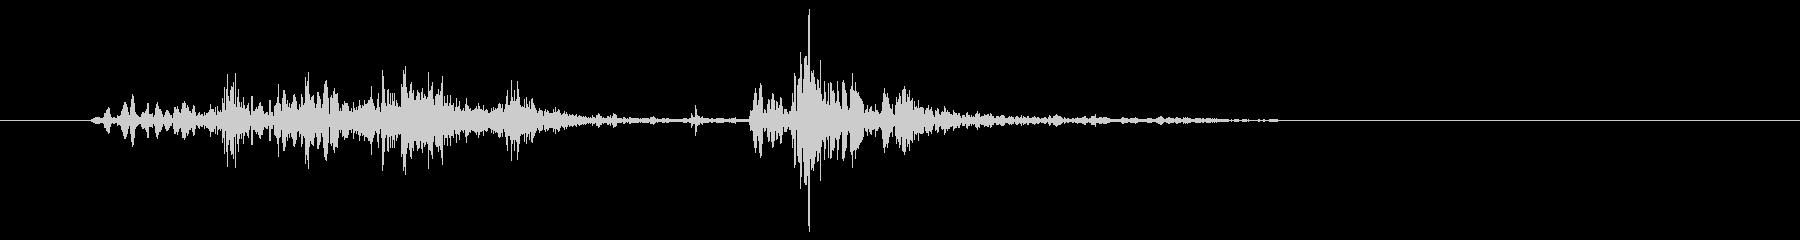 【ポワ、ポチャ】リアルな泡、水滴音05!の未再生の波形